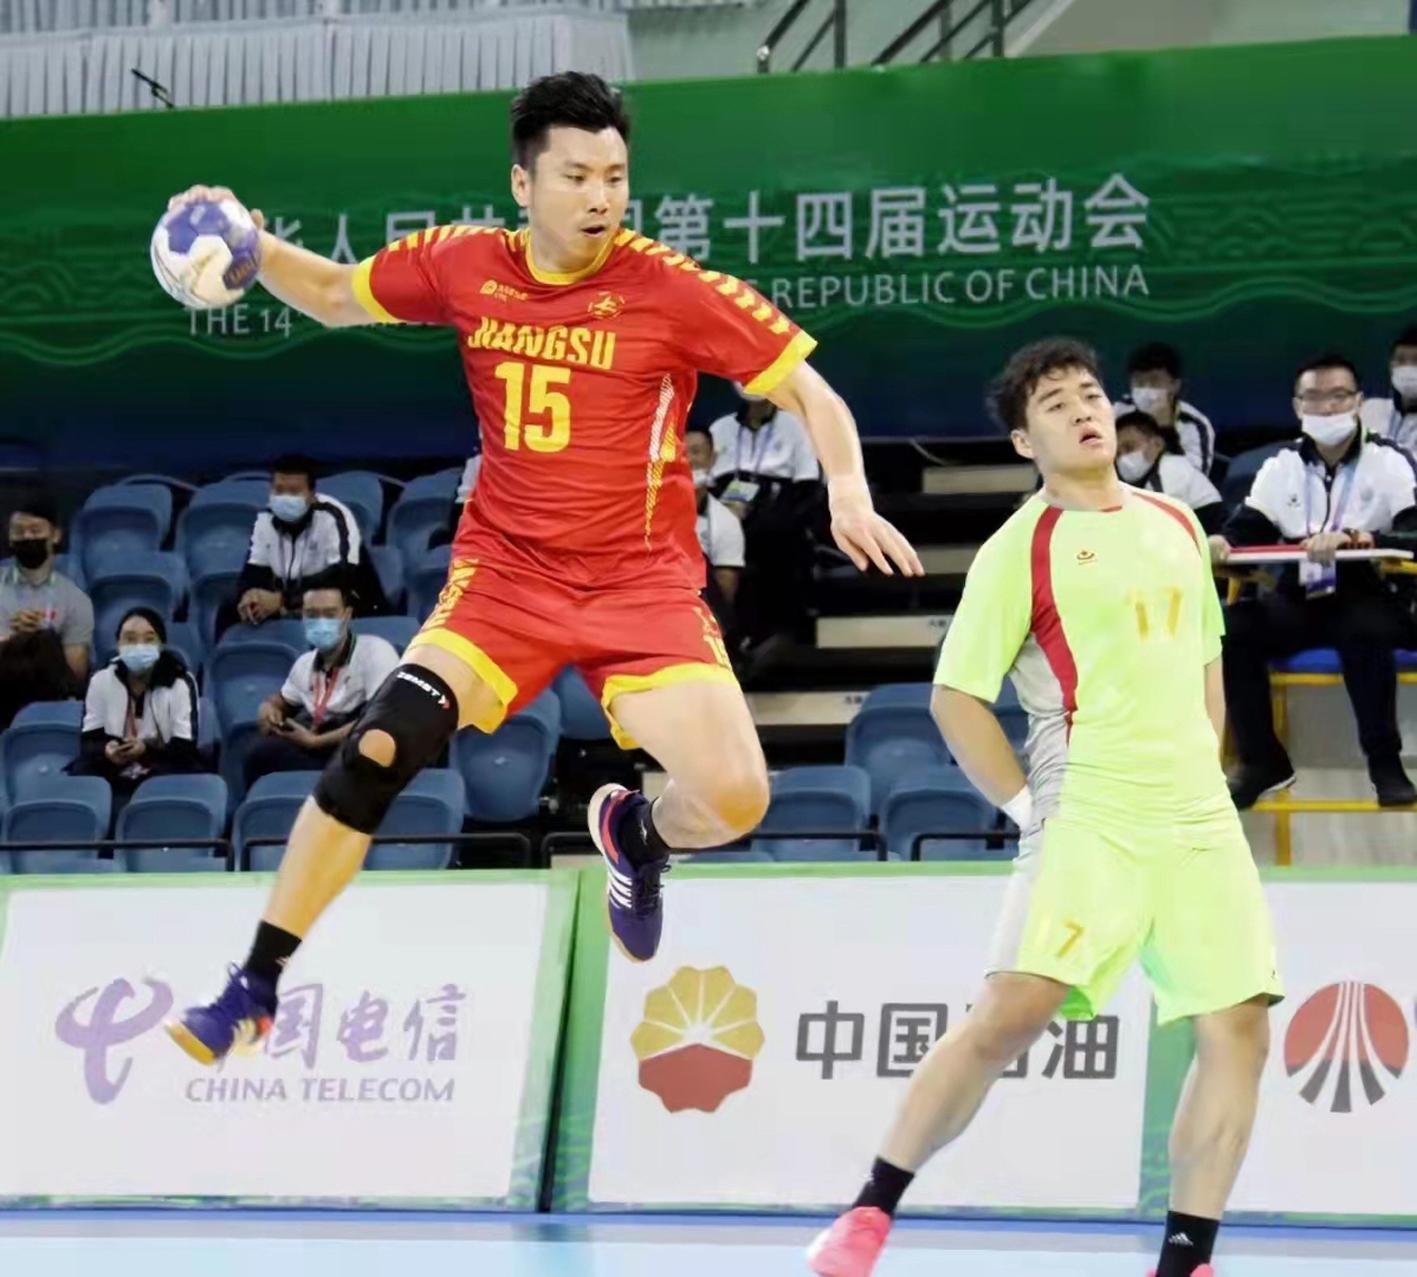 第十四全运会:扬州老将李安复出4个月夺冠